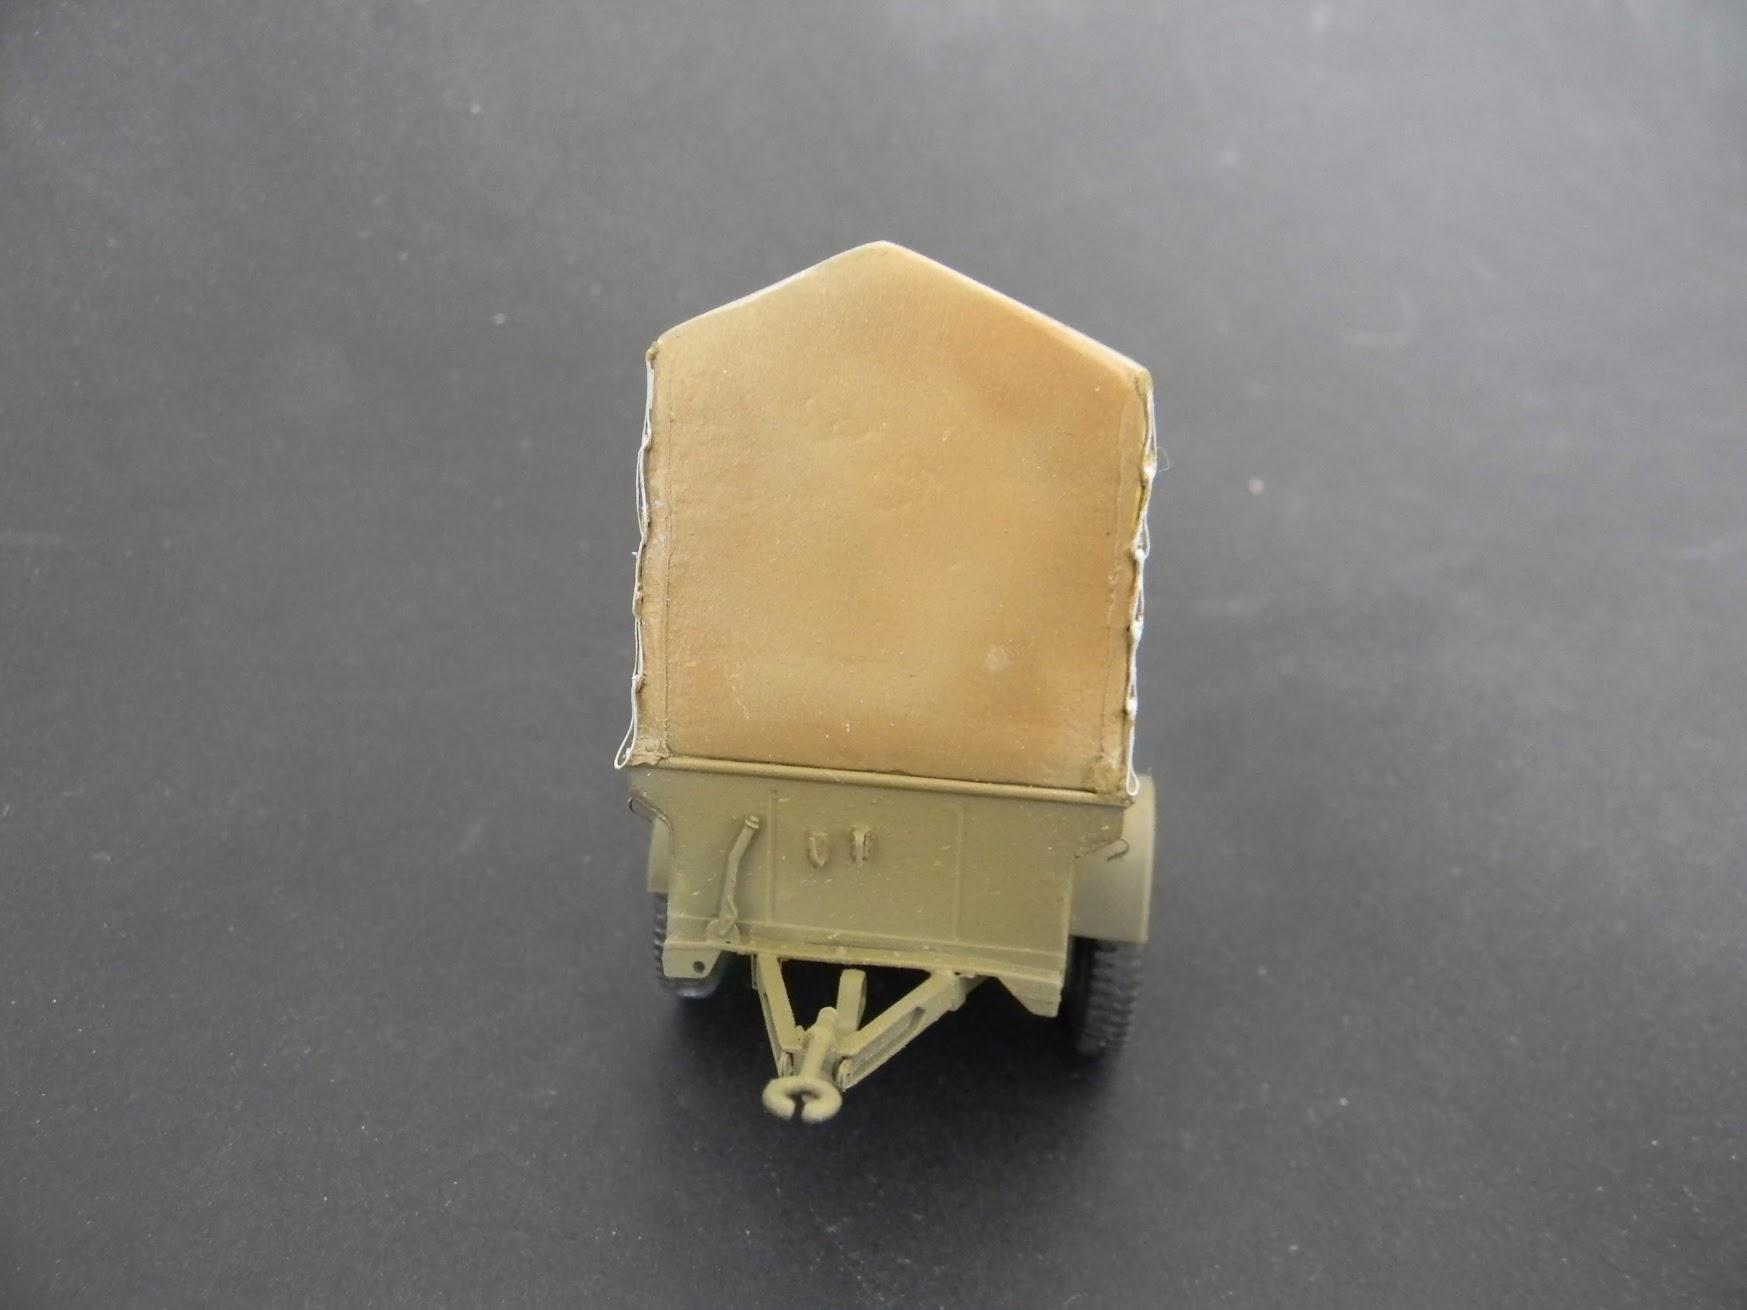 GPW 1942 Ford Bronco Model : revue de détail et montage - Page 5 KVwWOXoryBARlwntyN2C5mLVrQdiT2QWoNM5nCdvSZgcLpoUmB1P4_81mPViVEtyifmDhxGB3T8OT3mtcvxG28HDZD8_tZFLsGnzcjJ3nz9rQ1071gRQrVHilykPyDC2OWdYq24gX5tM_27eU5v0o_LAjeuvel-yGKZvkm8AmehZzJYk9qTkFU2EukmCPB4RotSywqAjx3LT4vm6VHg4R1B17yuqInQUOdl4BWfmWTcxWox9lRhtXaMU4K7D2vkoKM7qjZ5n98Pg-qriqd4MXFpiJ4Sv9NbWB2rNlzQ4CCQU6raoTp0cjnhAA8qr74Ata4zD4q9lSIacDfixEel5u6Q604epqYxzvSSCji0DIaLr7fKxyb4qVcNvpf7MlRtudtoCc-r_uYWm3qF1-AsophpnK0dxr7w7jTrGvWJrcpQi-8iqV2aLmX-l4dmY7Y2NRj4lmEzV4K4bRnB4iek4xfttqUkJ8oHLyzoYZV5bwbgy2Mi3Ju69CeI6QFMrseTsD3F5aazFzmAJP9XRlgO8efN1UKrXJnT__96F-Ezbkn9p8CTPSaKzMTffrtboJhtwuyBfnTYOiBZezIvbQXoqs6bknD0_AggzvsSCILQOpv4-iazDwkwq36wwmrM7VeMPKl8iygaQDJxbk9YHTulRODL0uGFFKxIaeHdjX2HIUAoU5qMenoD0Uq4s5YfiVdWhl1zUSET_WOIAg2KgAjuUMouFffNt_0qVxklFcU5CCPd33qnngQ=w1747-h1310-no